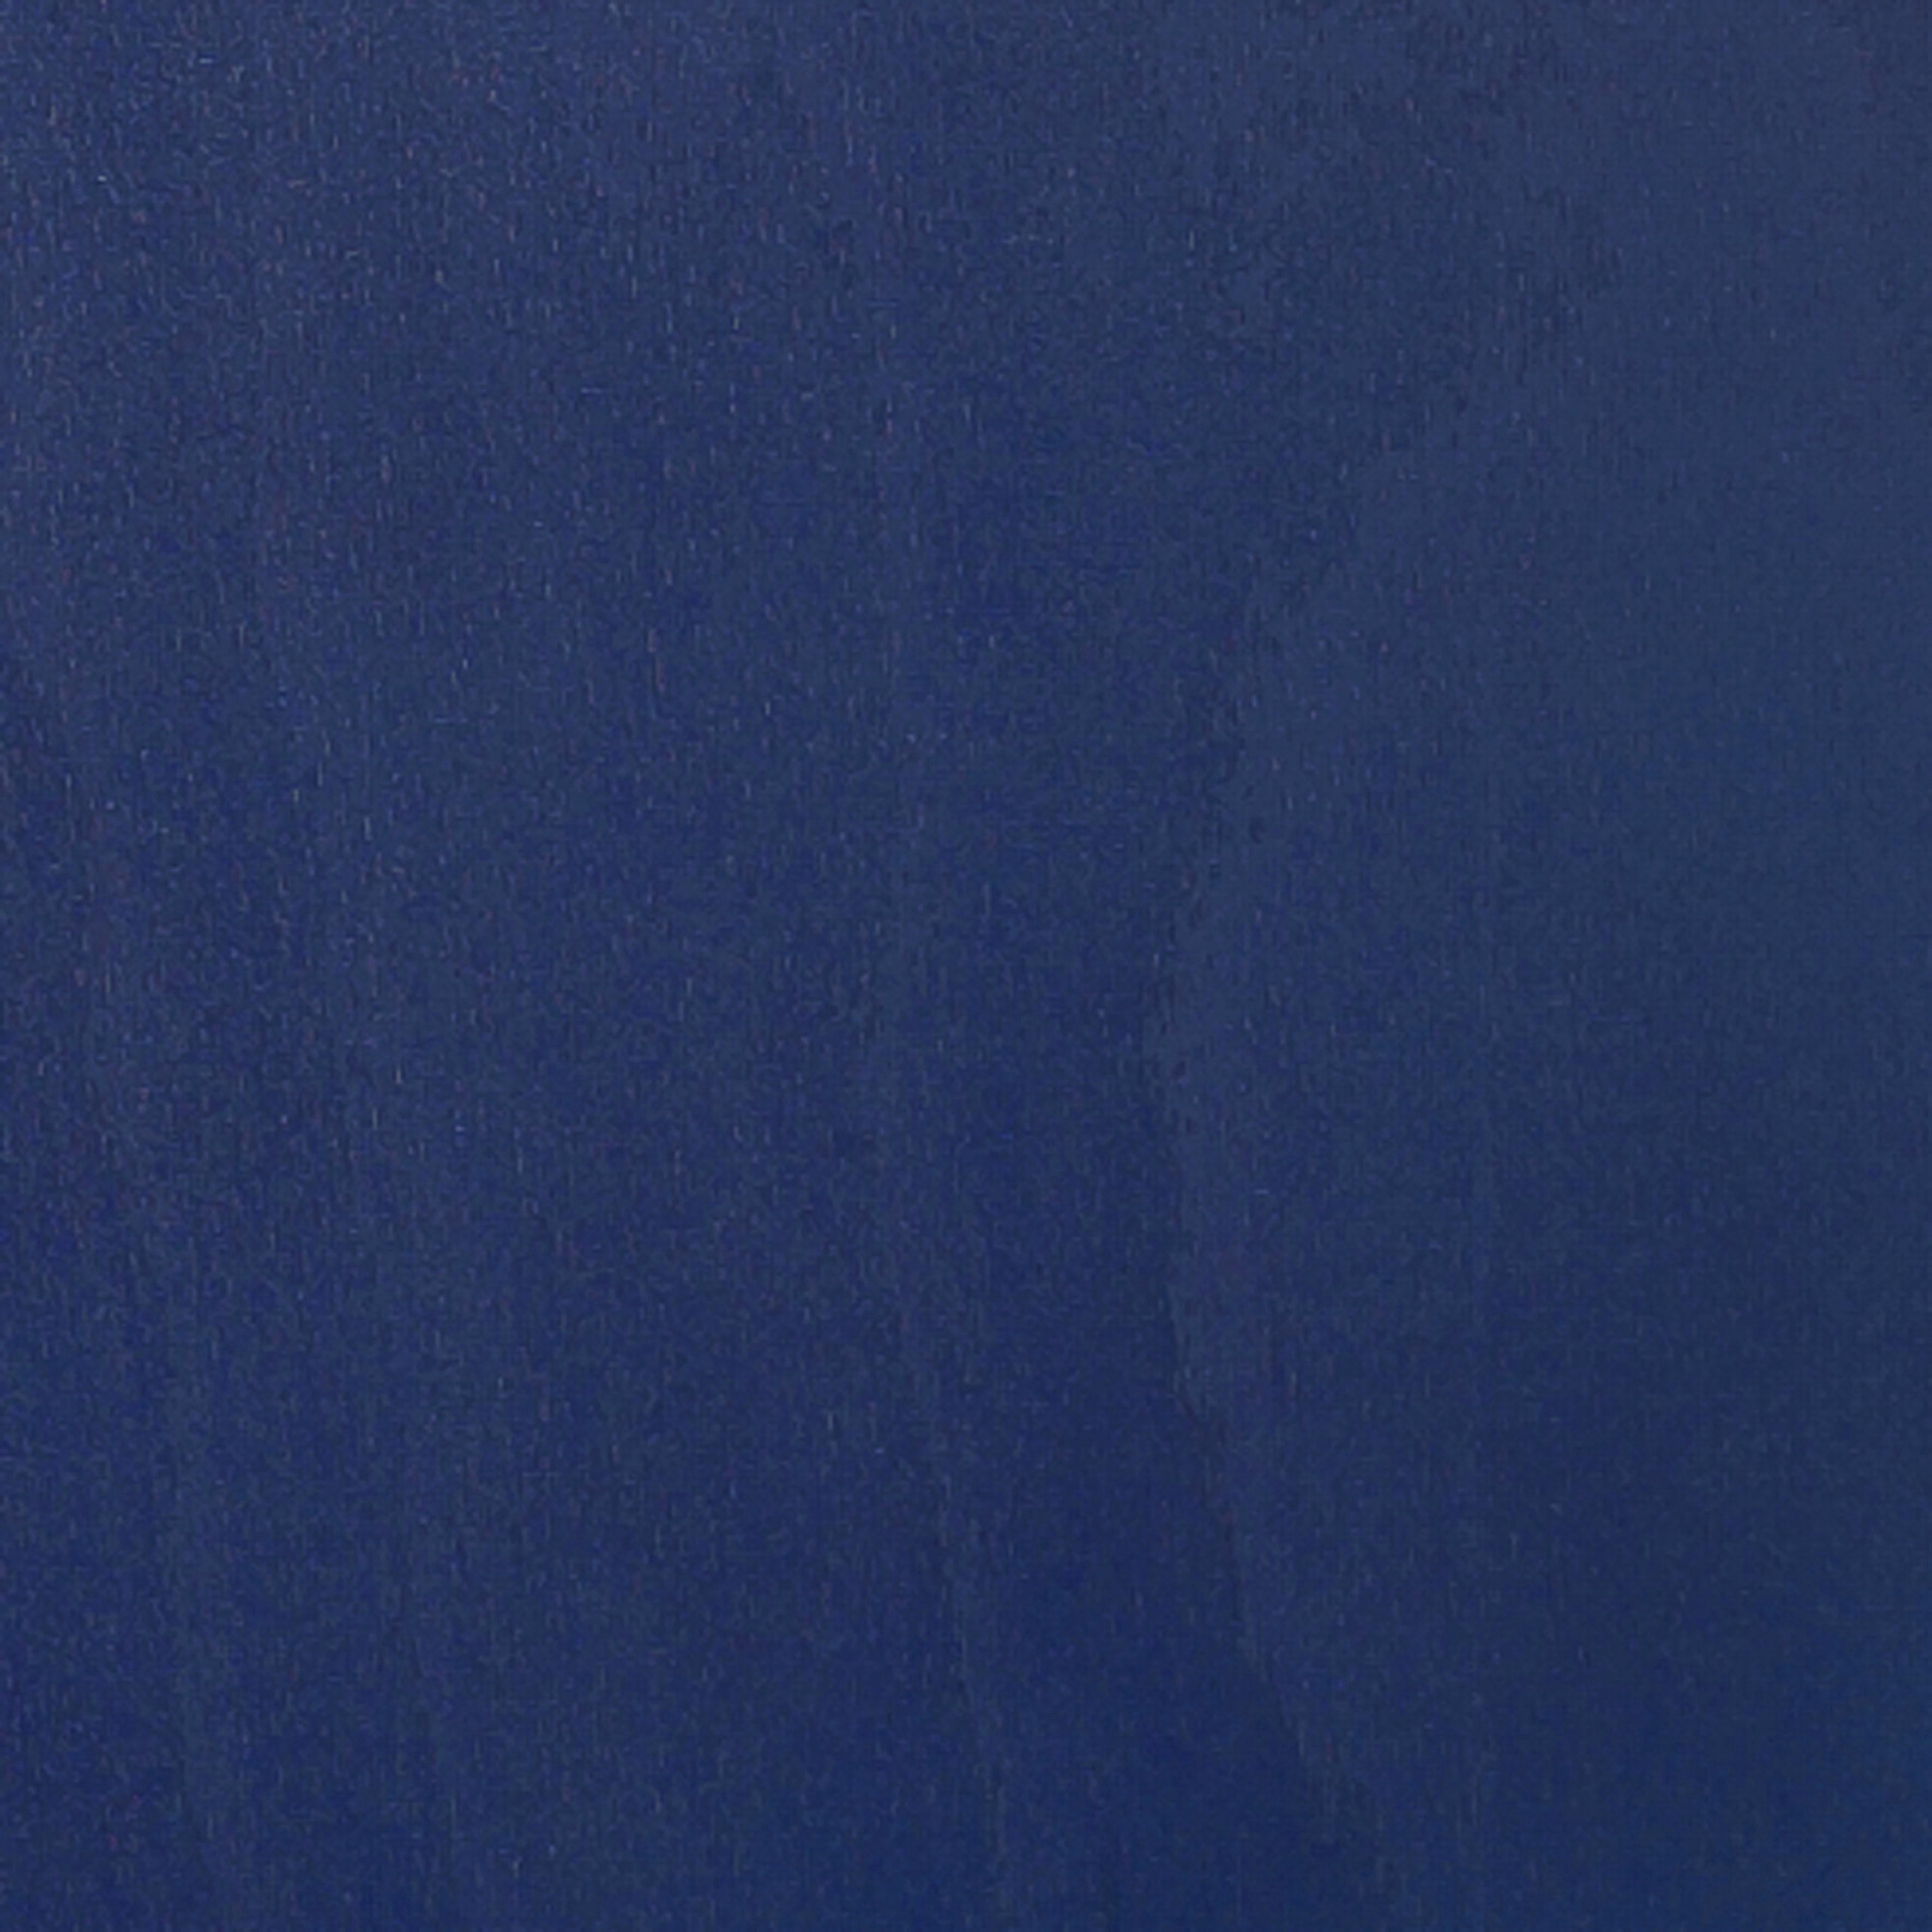 teinte bleue